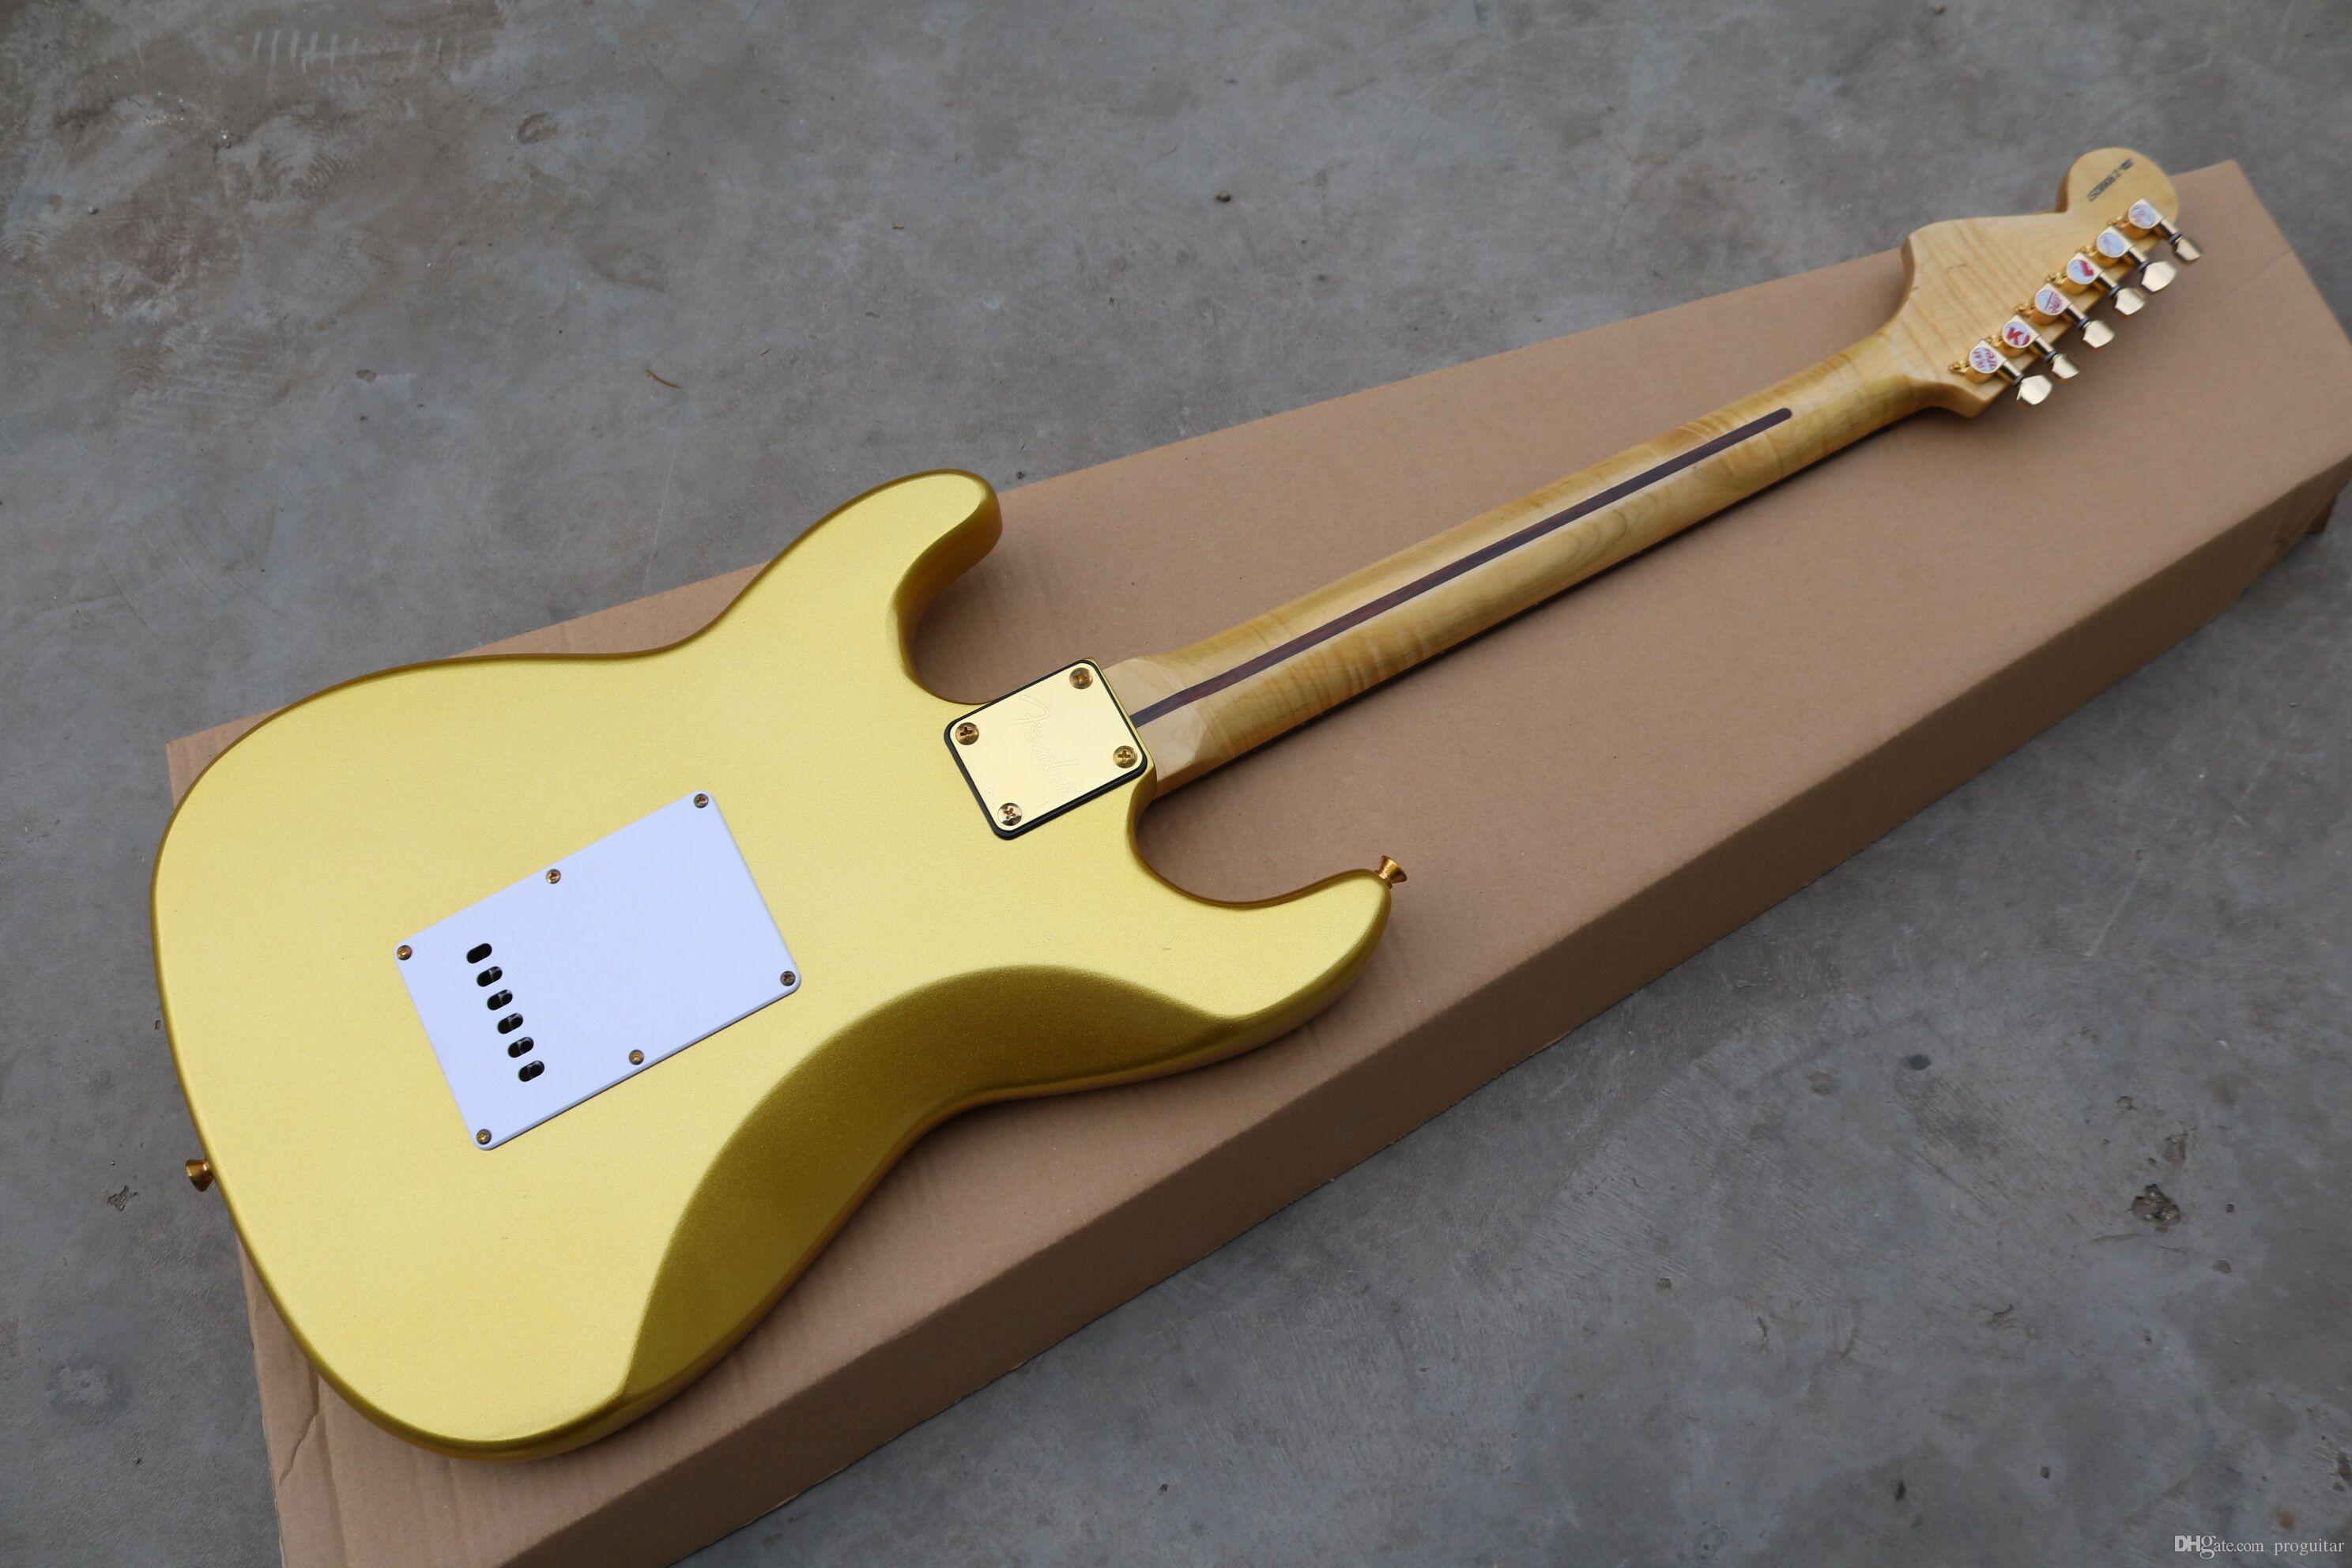 مصنع الجملة GYST-1046 ذهبي اللون الذهبي الأجهزة الصلبة الماهوجني الجسم مقعر روزوود وحة الفريتس st الغيتار الكهربائي ، شحن مجاني